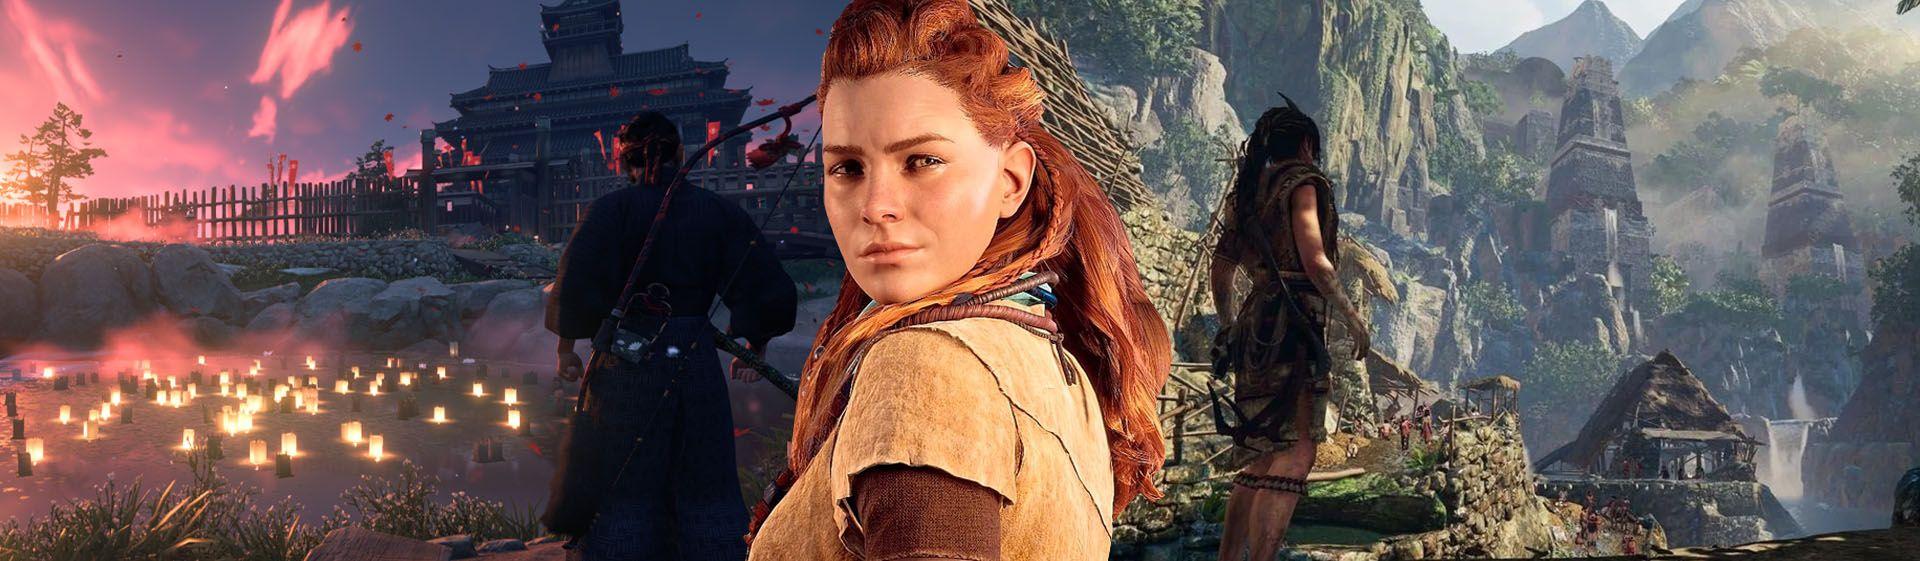 Jogos 4K e jogos com melhores gráficos: realismo e beleza na sua tela